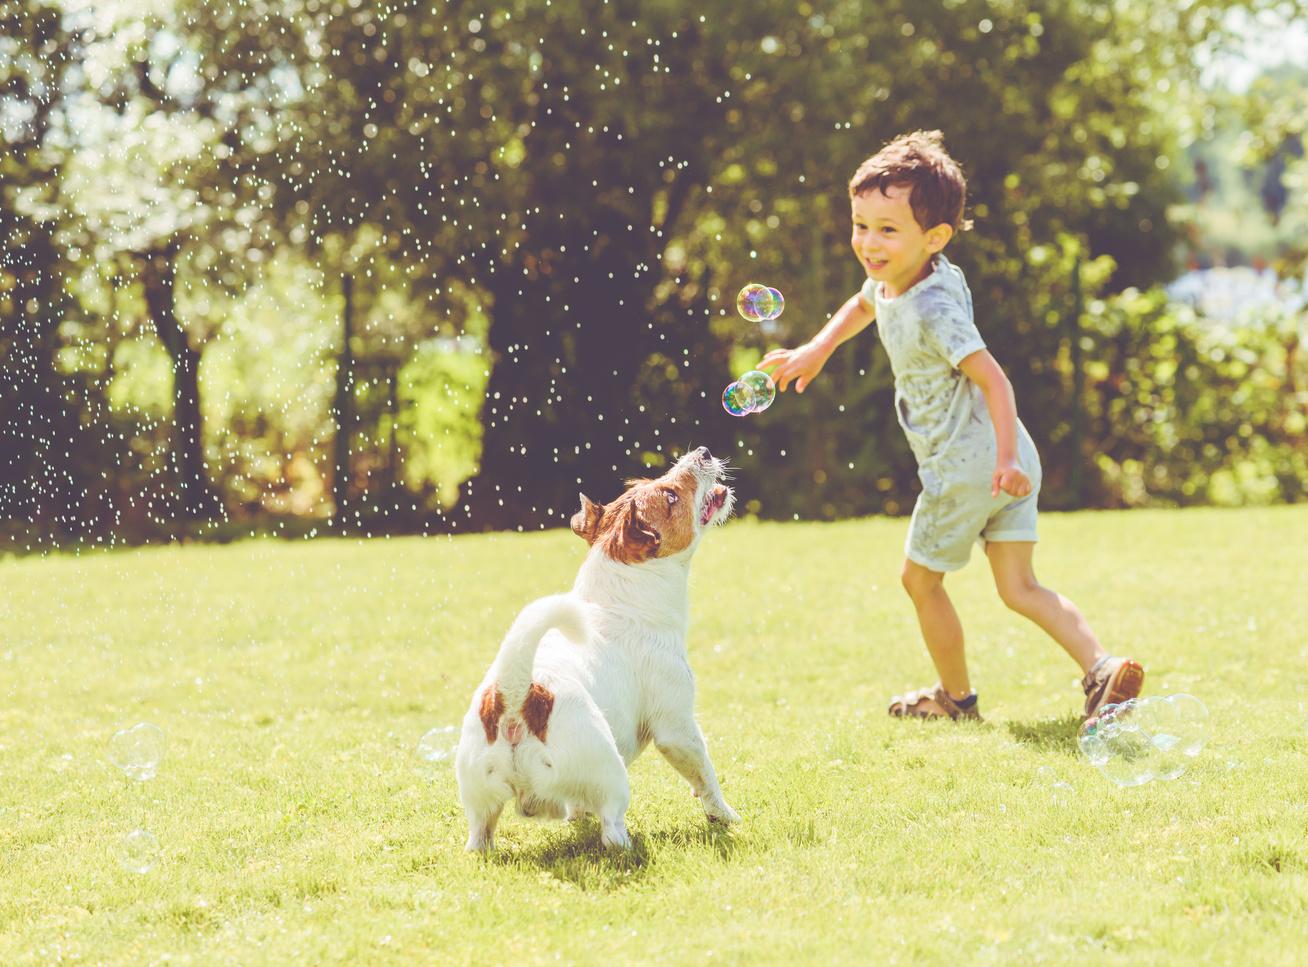 gyerek kutyaval